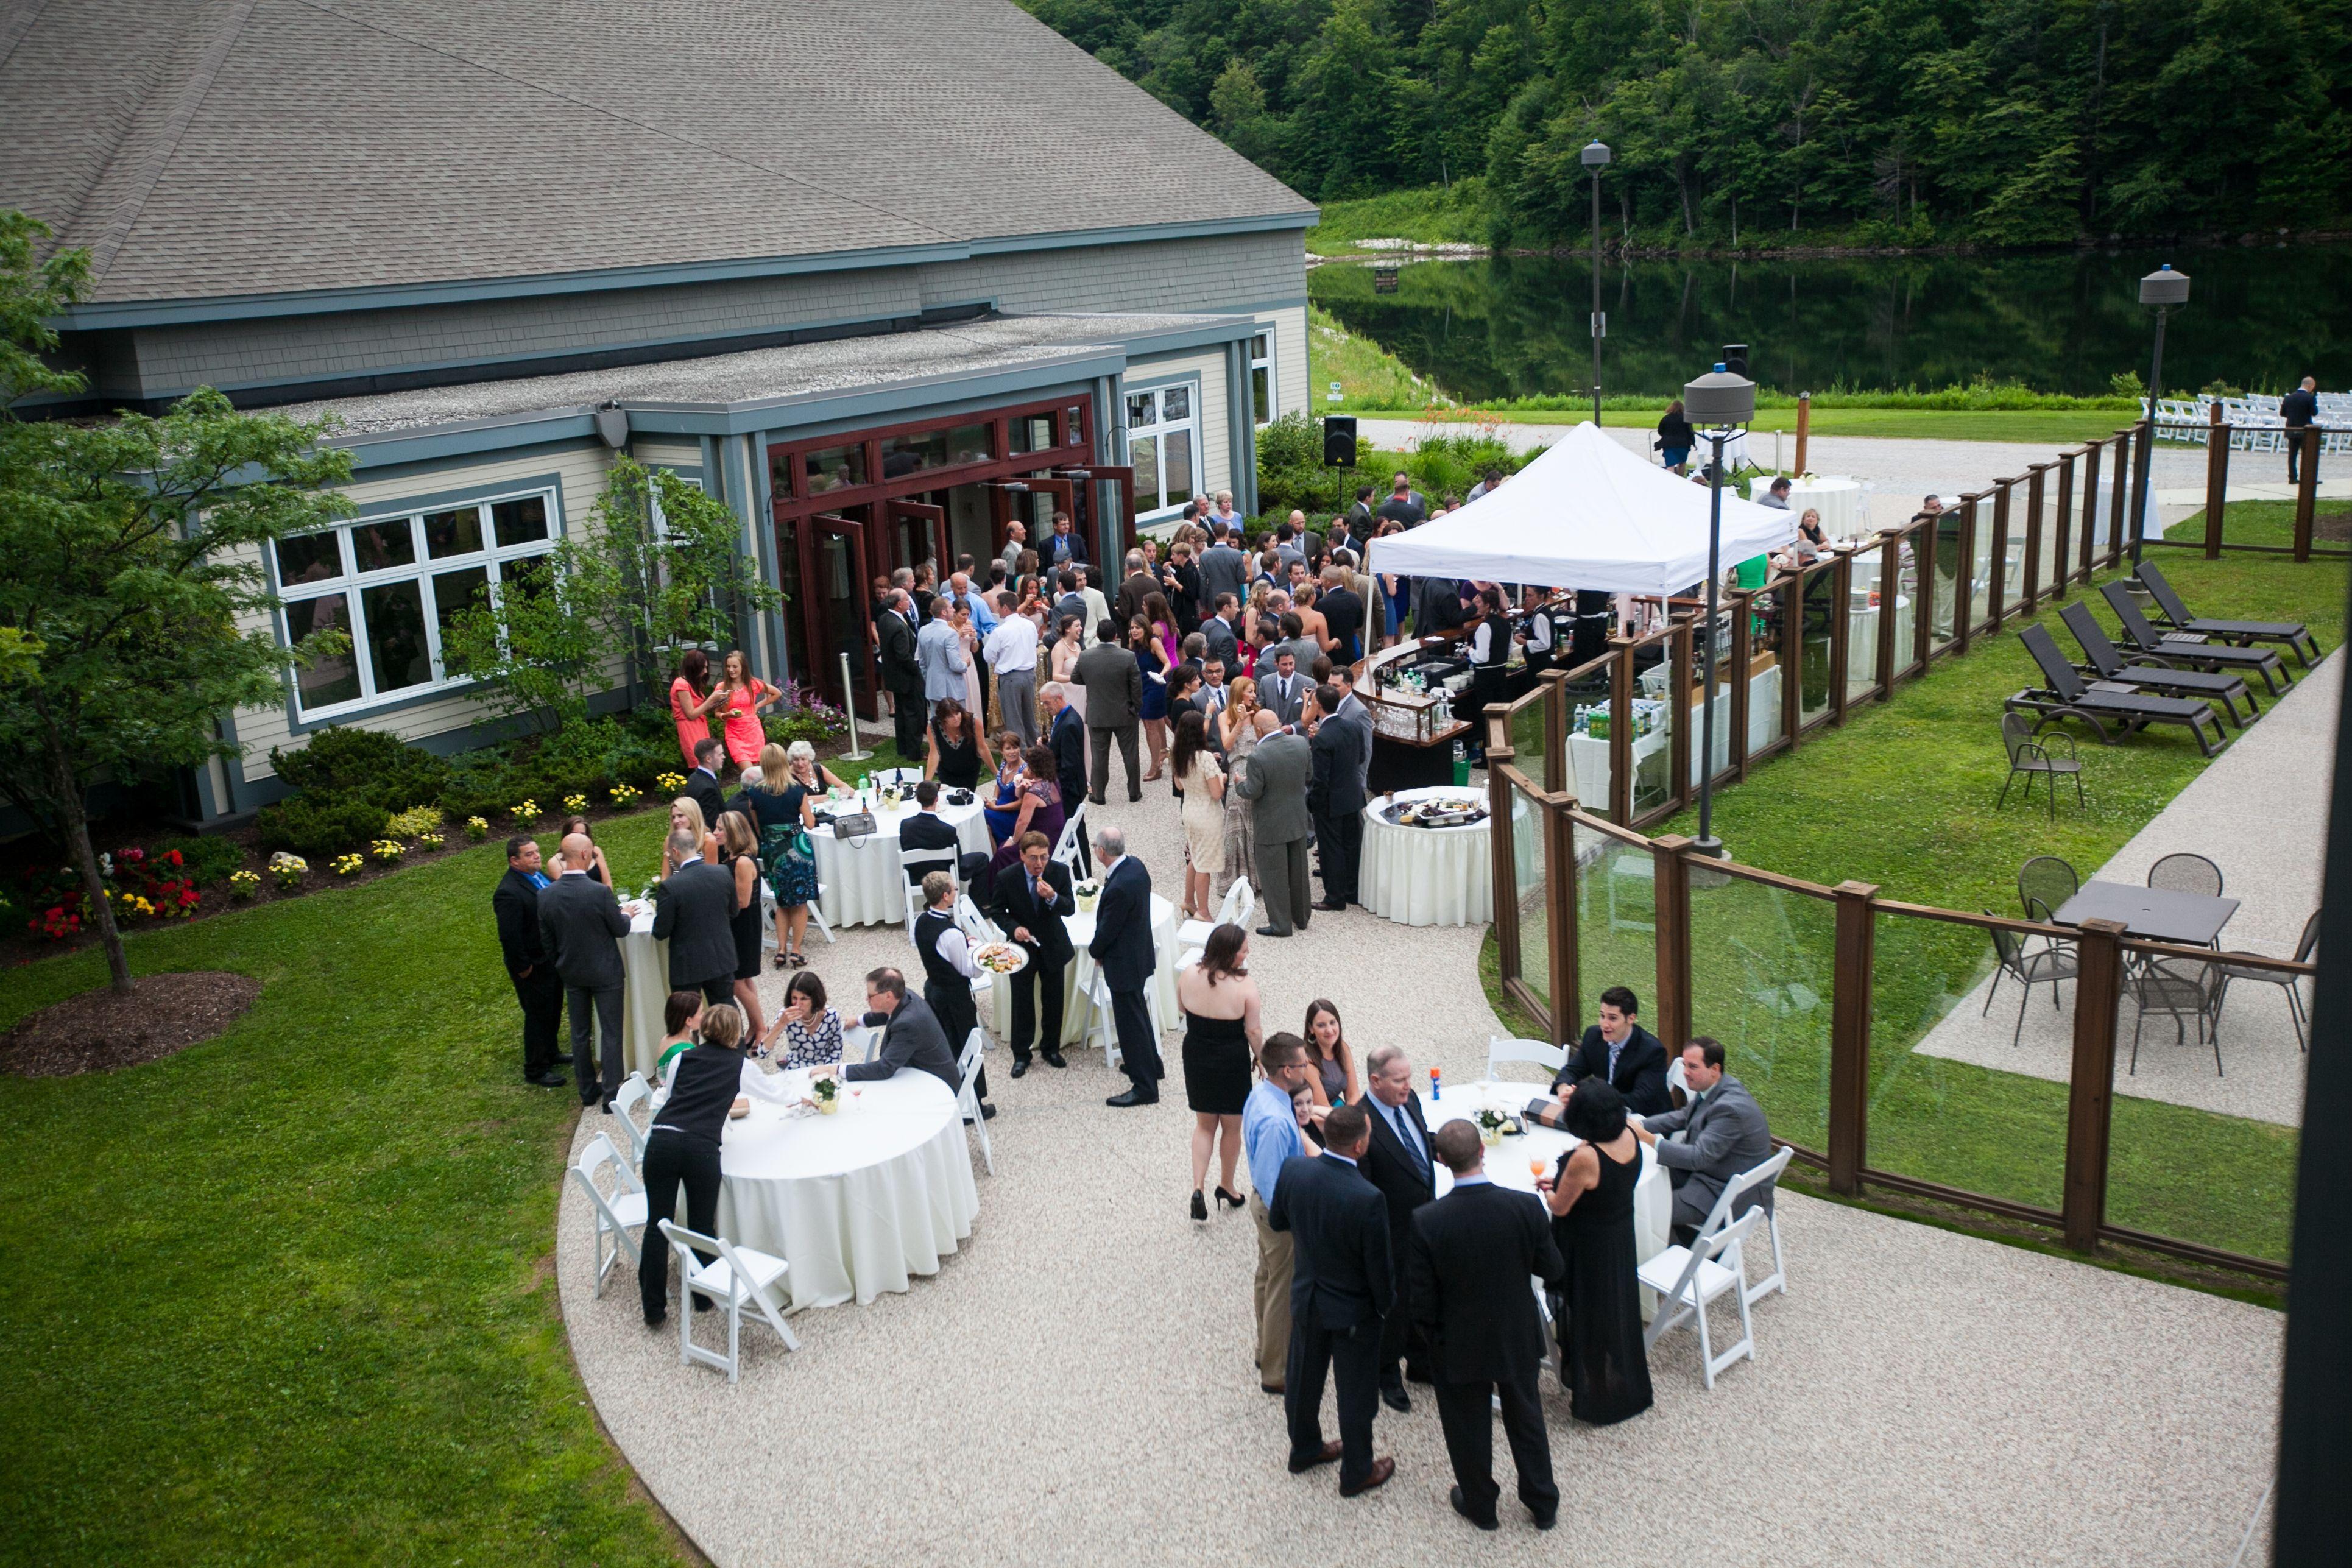 Outdoor Tail Hour At The Killington Grand Hotel Fairytale Wedding Photos